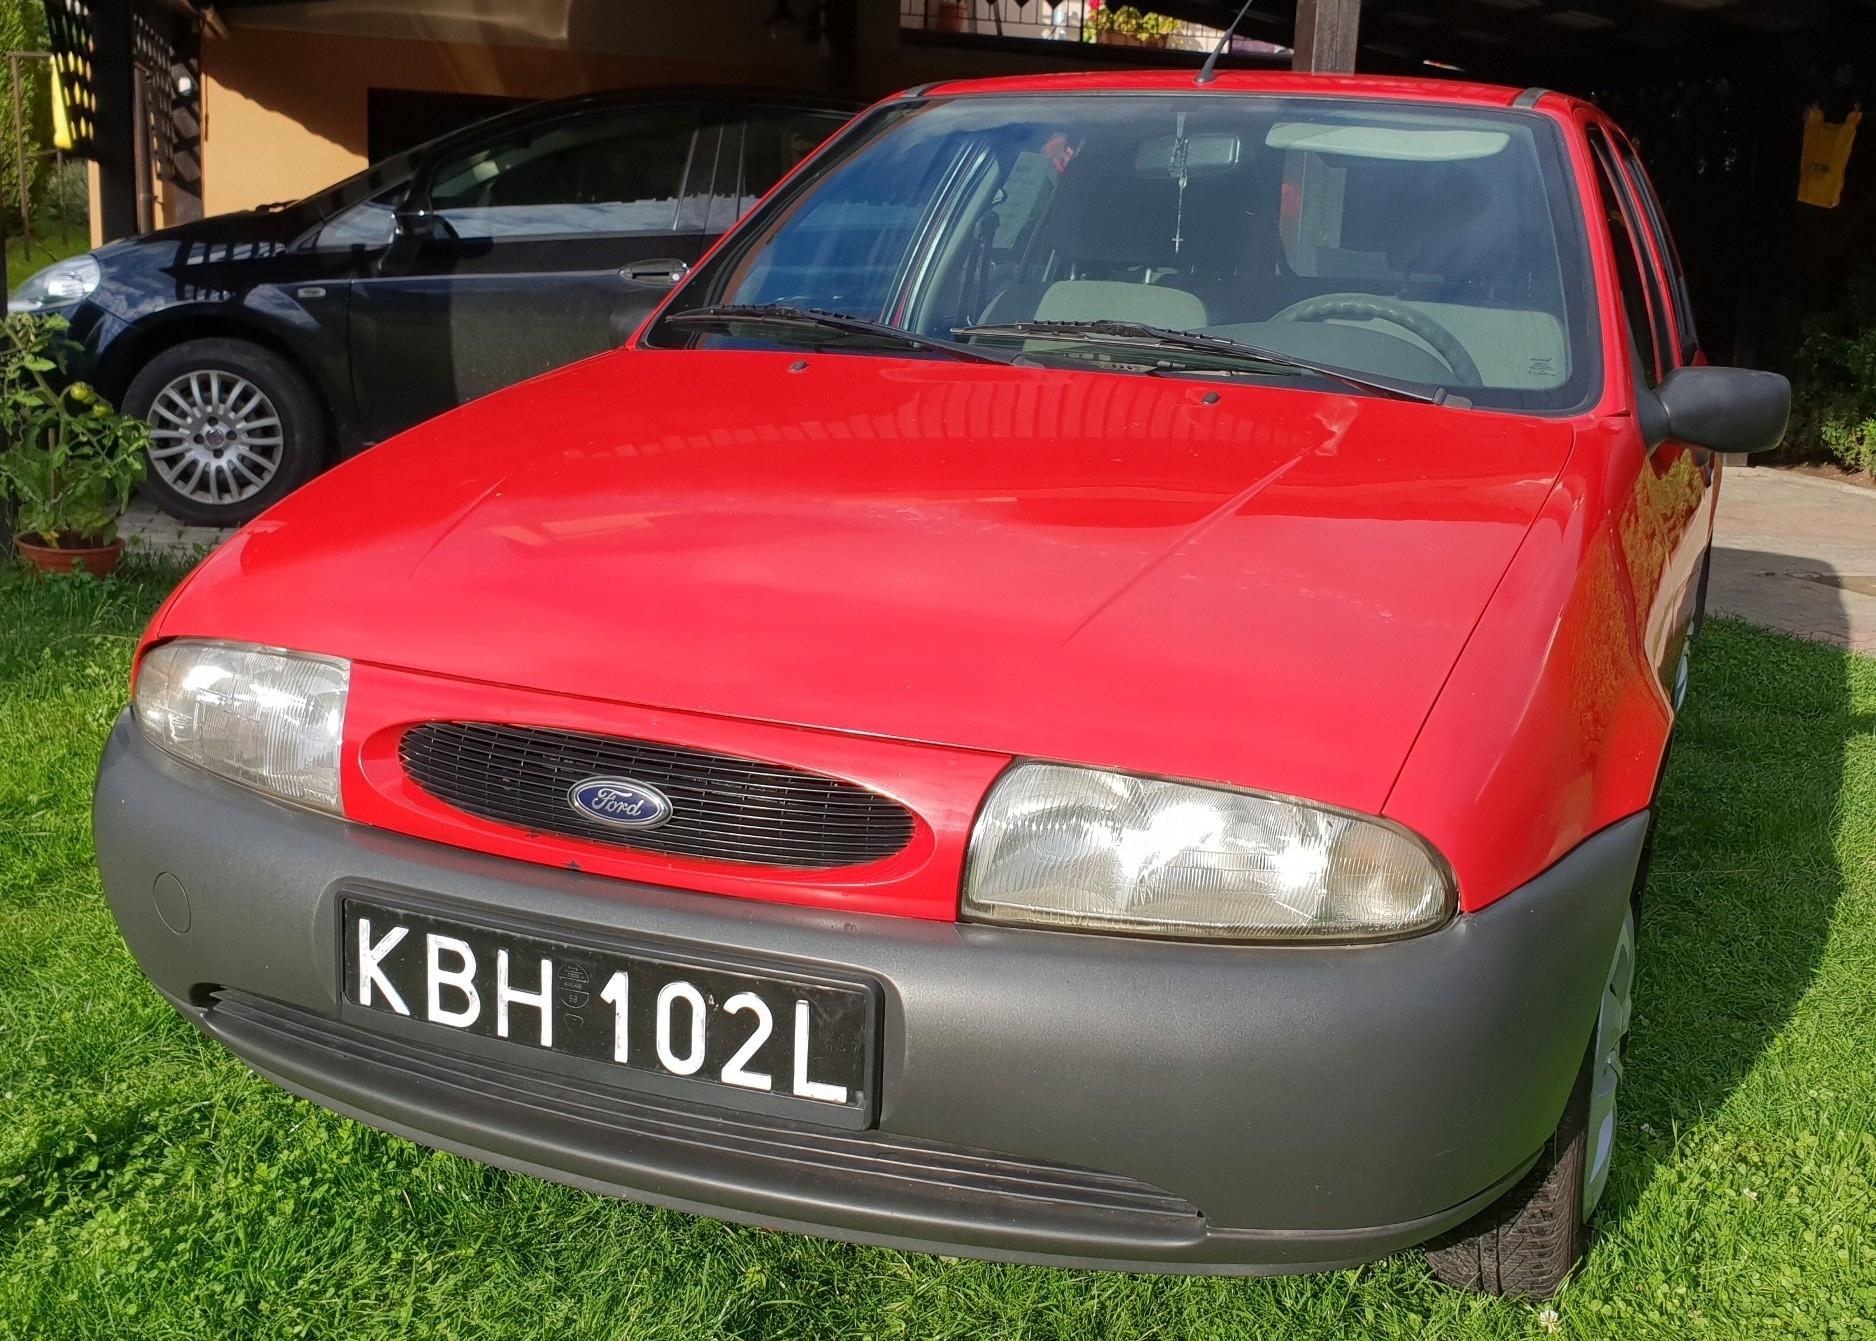 Ford Fiesta 1,3 benzyna, 1999r, bezwypadkowy, I wł